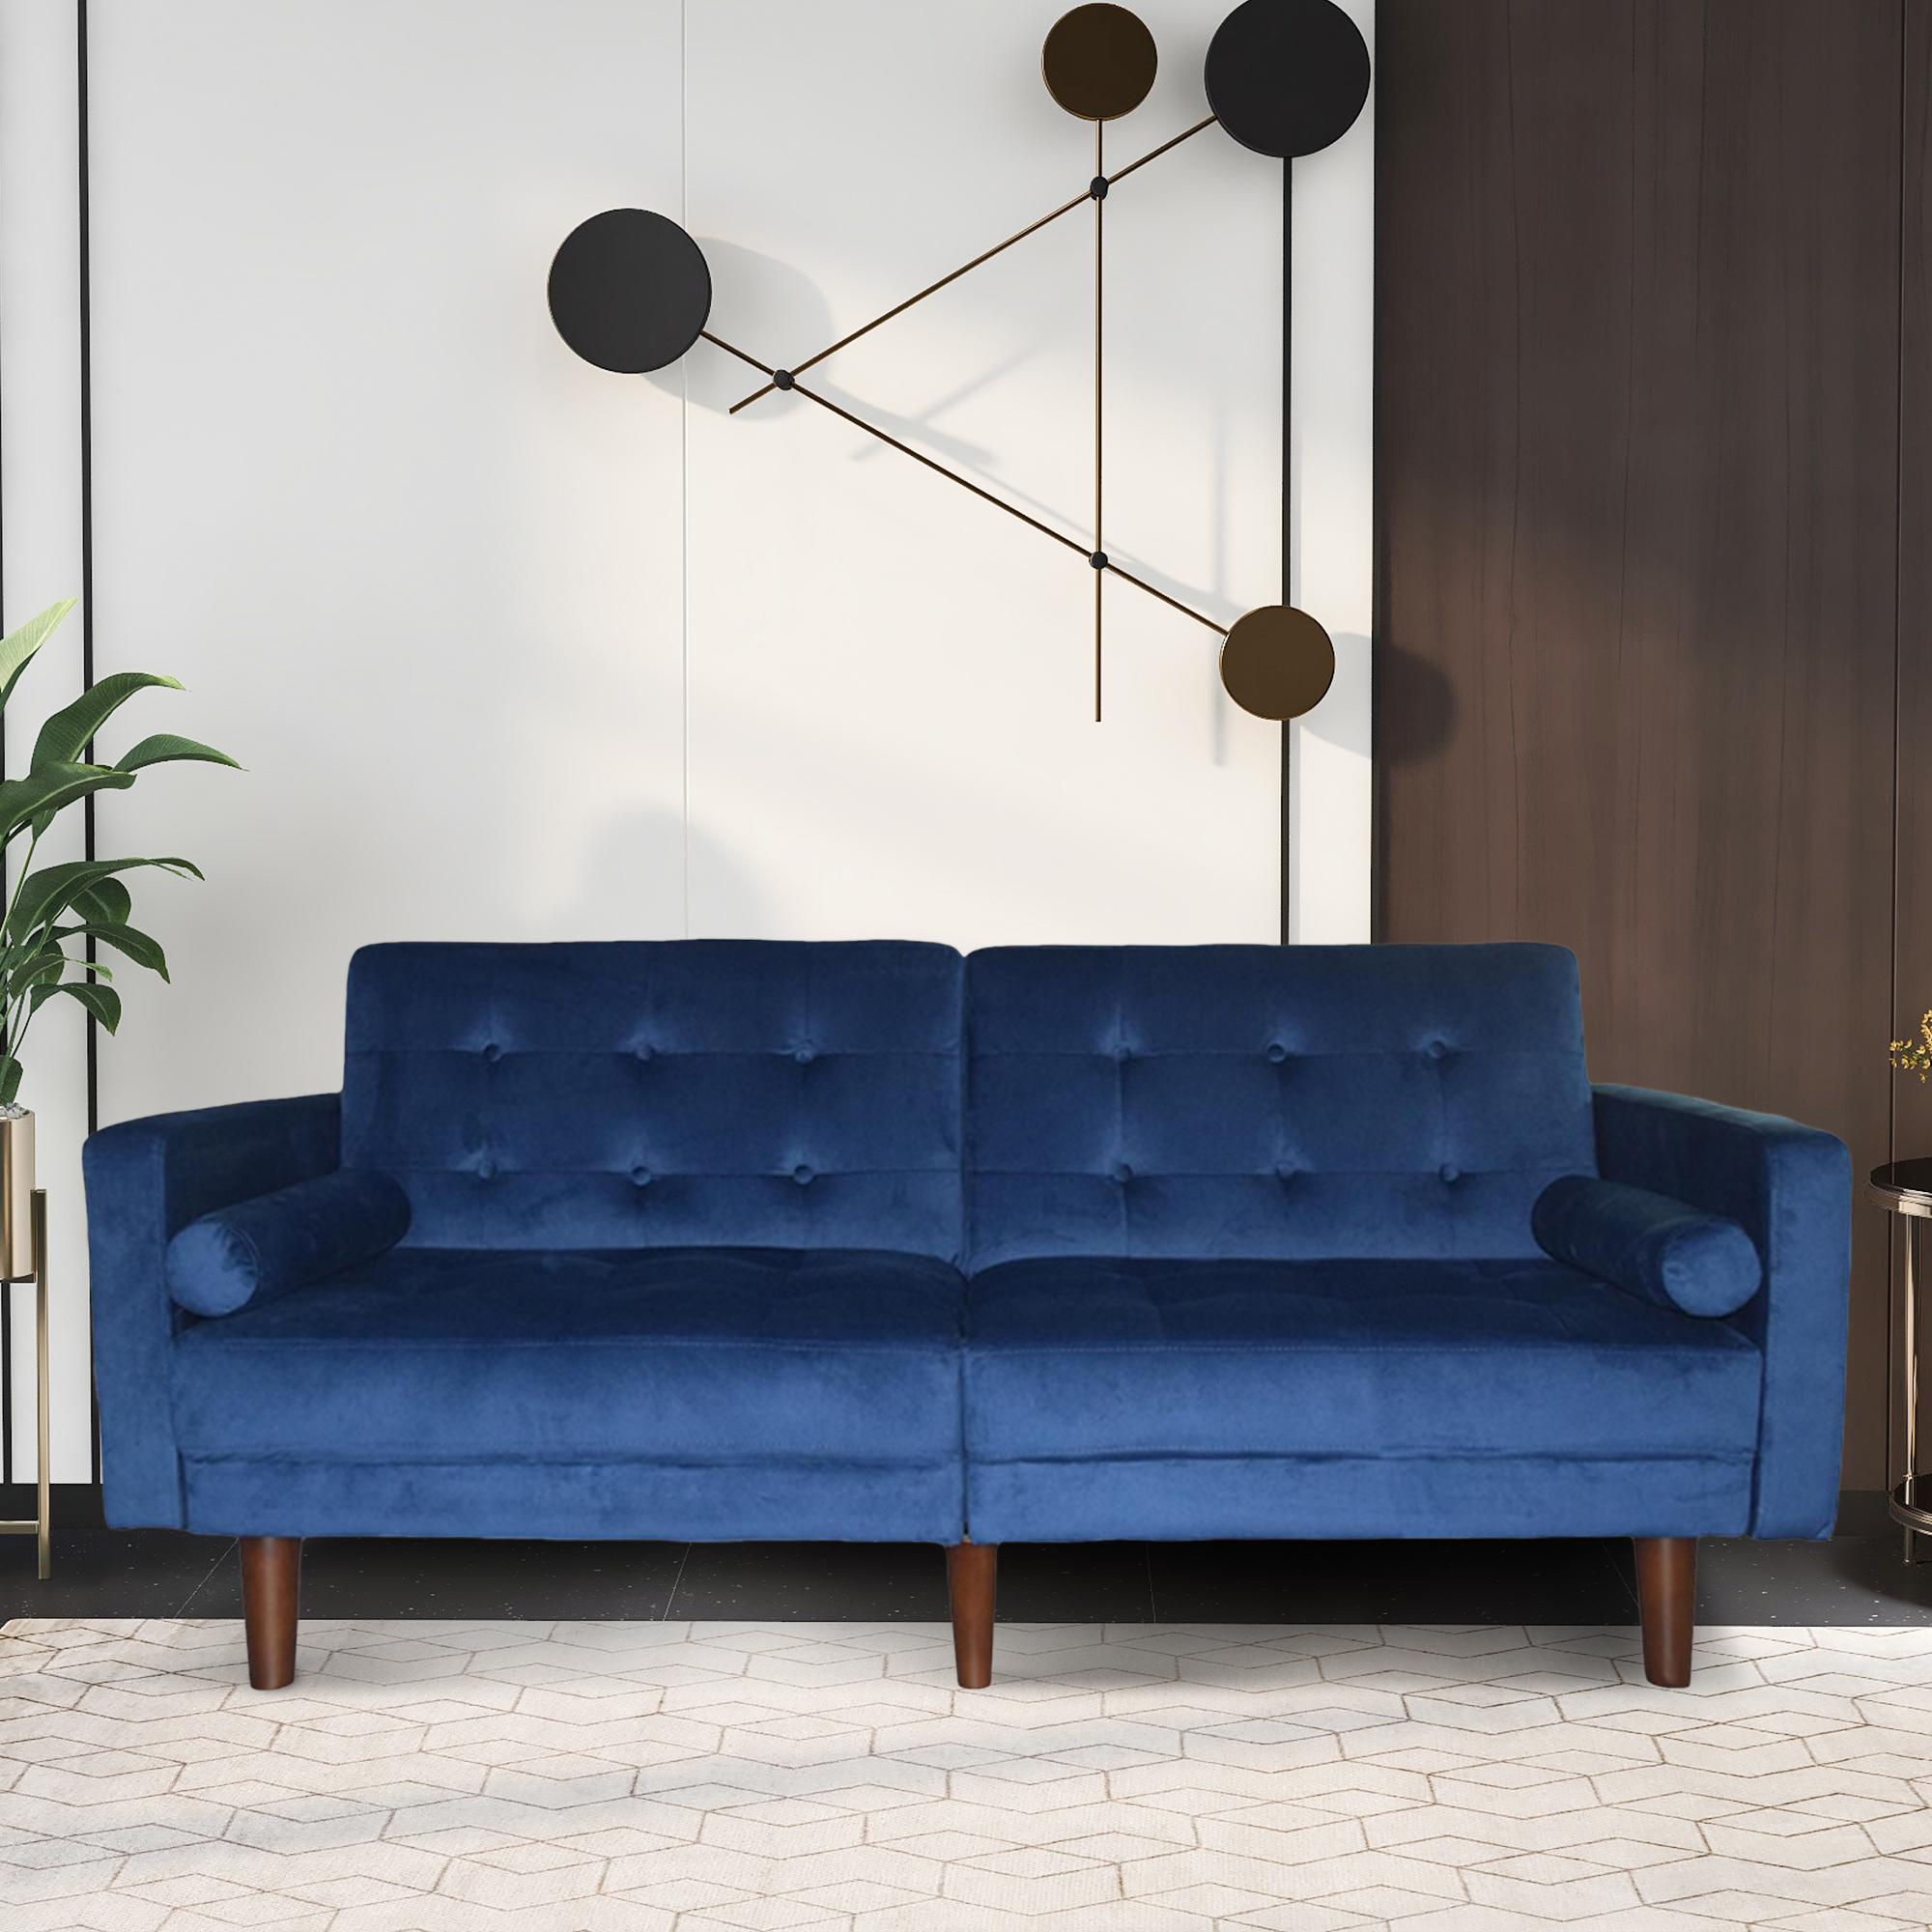 Blue Sofa Bed, Mid Century Modern Velvet Upholstered Intended For Dove Mid Century Sectional Sofas Dark Blue (View 2 of 15)